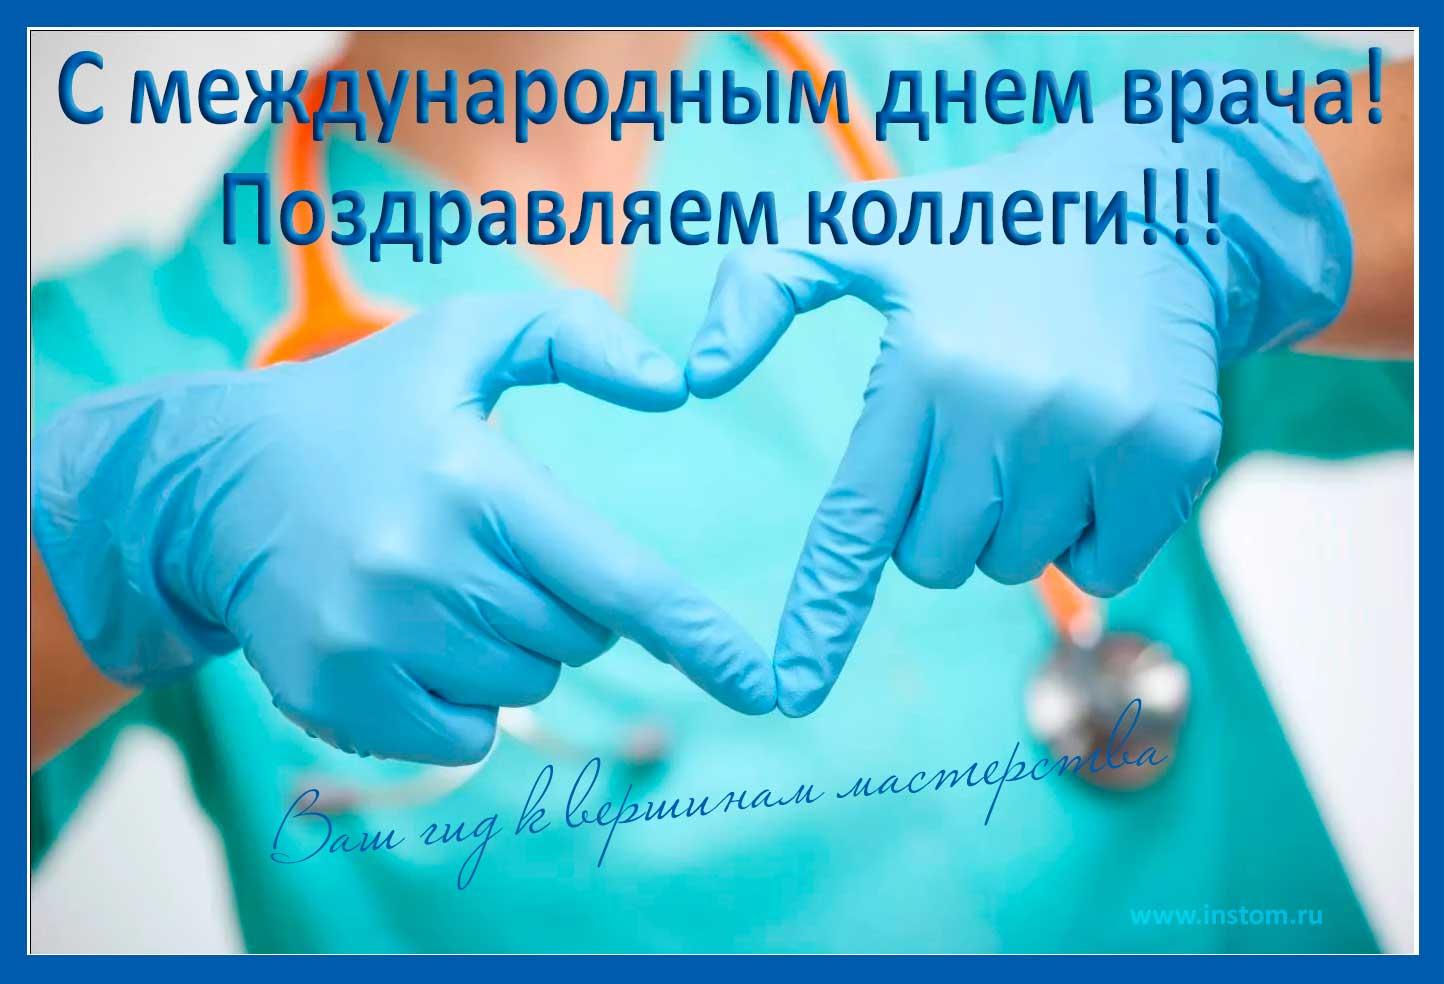 Открытки с всемирным днем врача, приколы